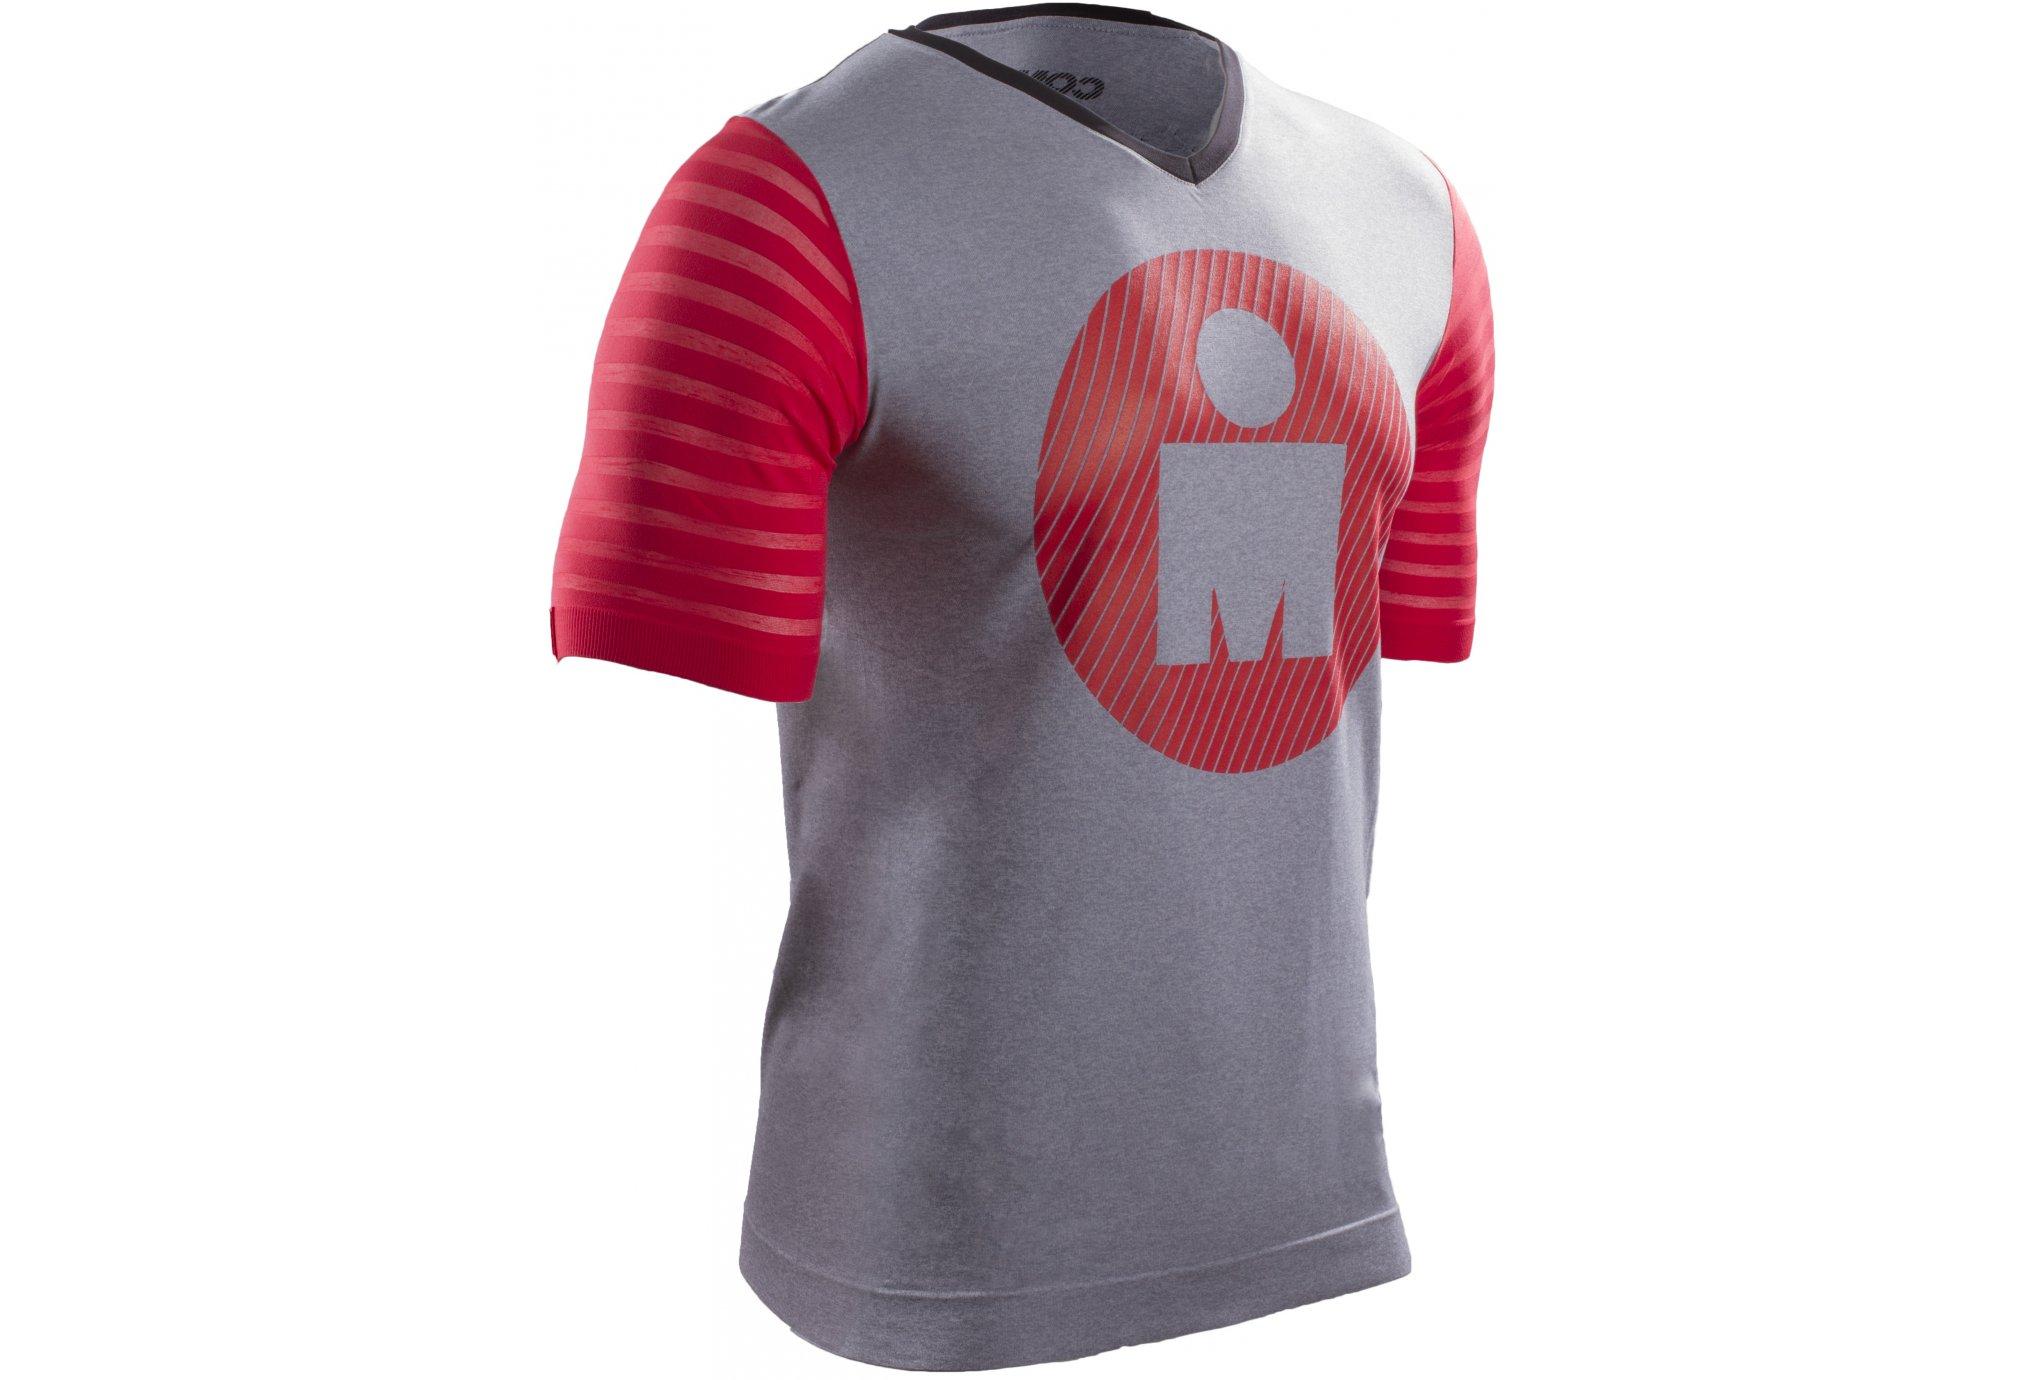 Cyclo randonneurs saint chamonais - Compressport Training Tshirt ... b350b908675